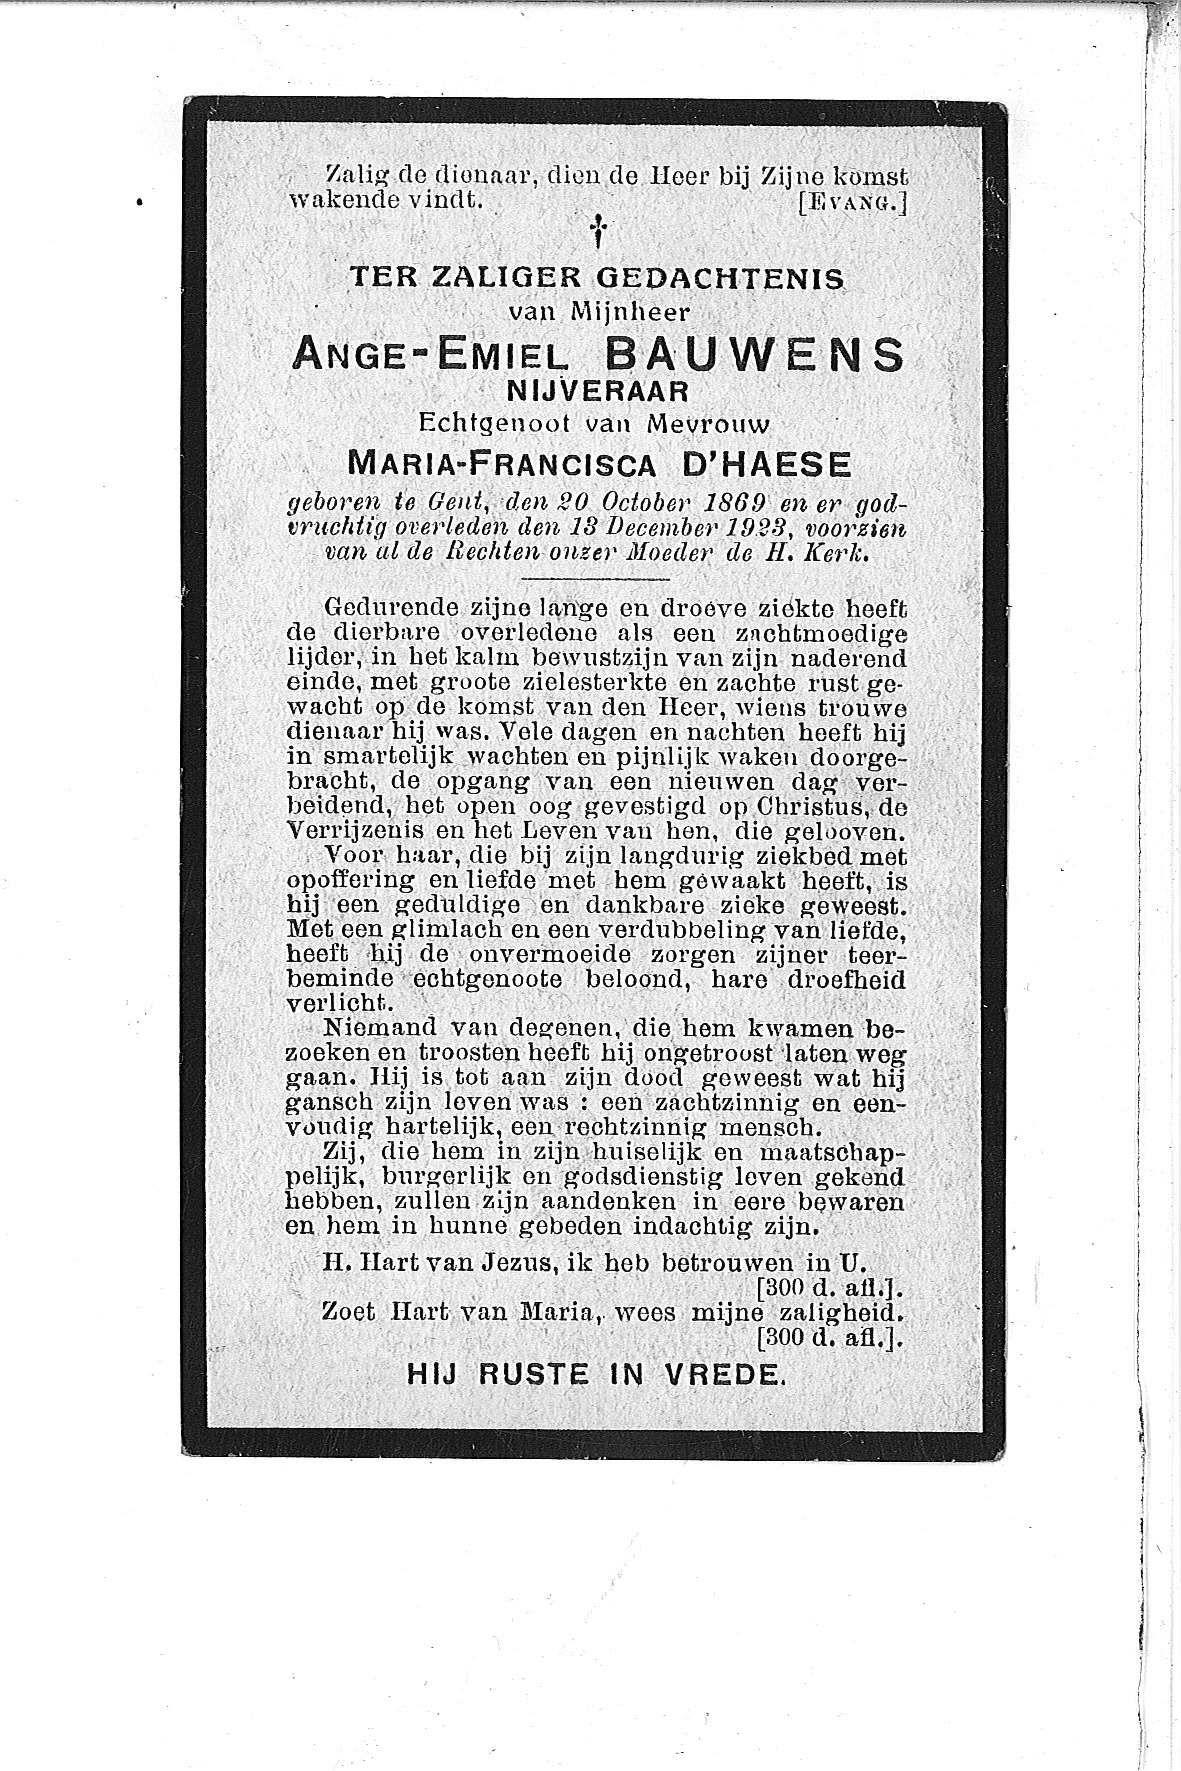 Ange-Emiel(1923)20101026093432_00007.jpg